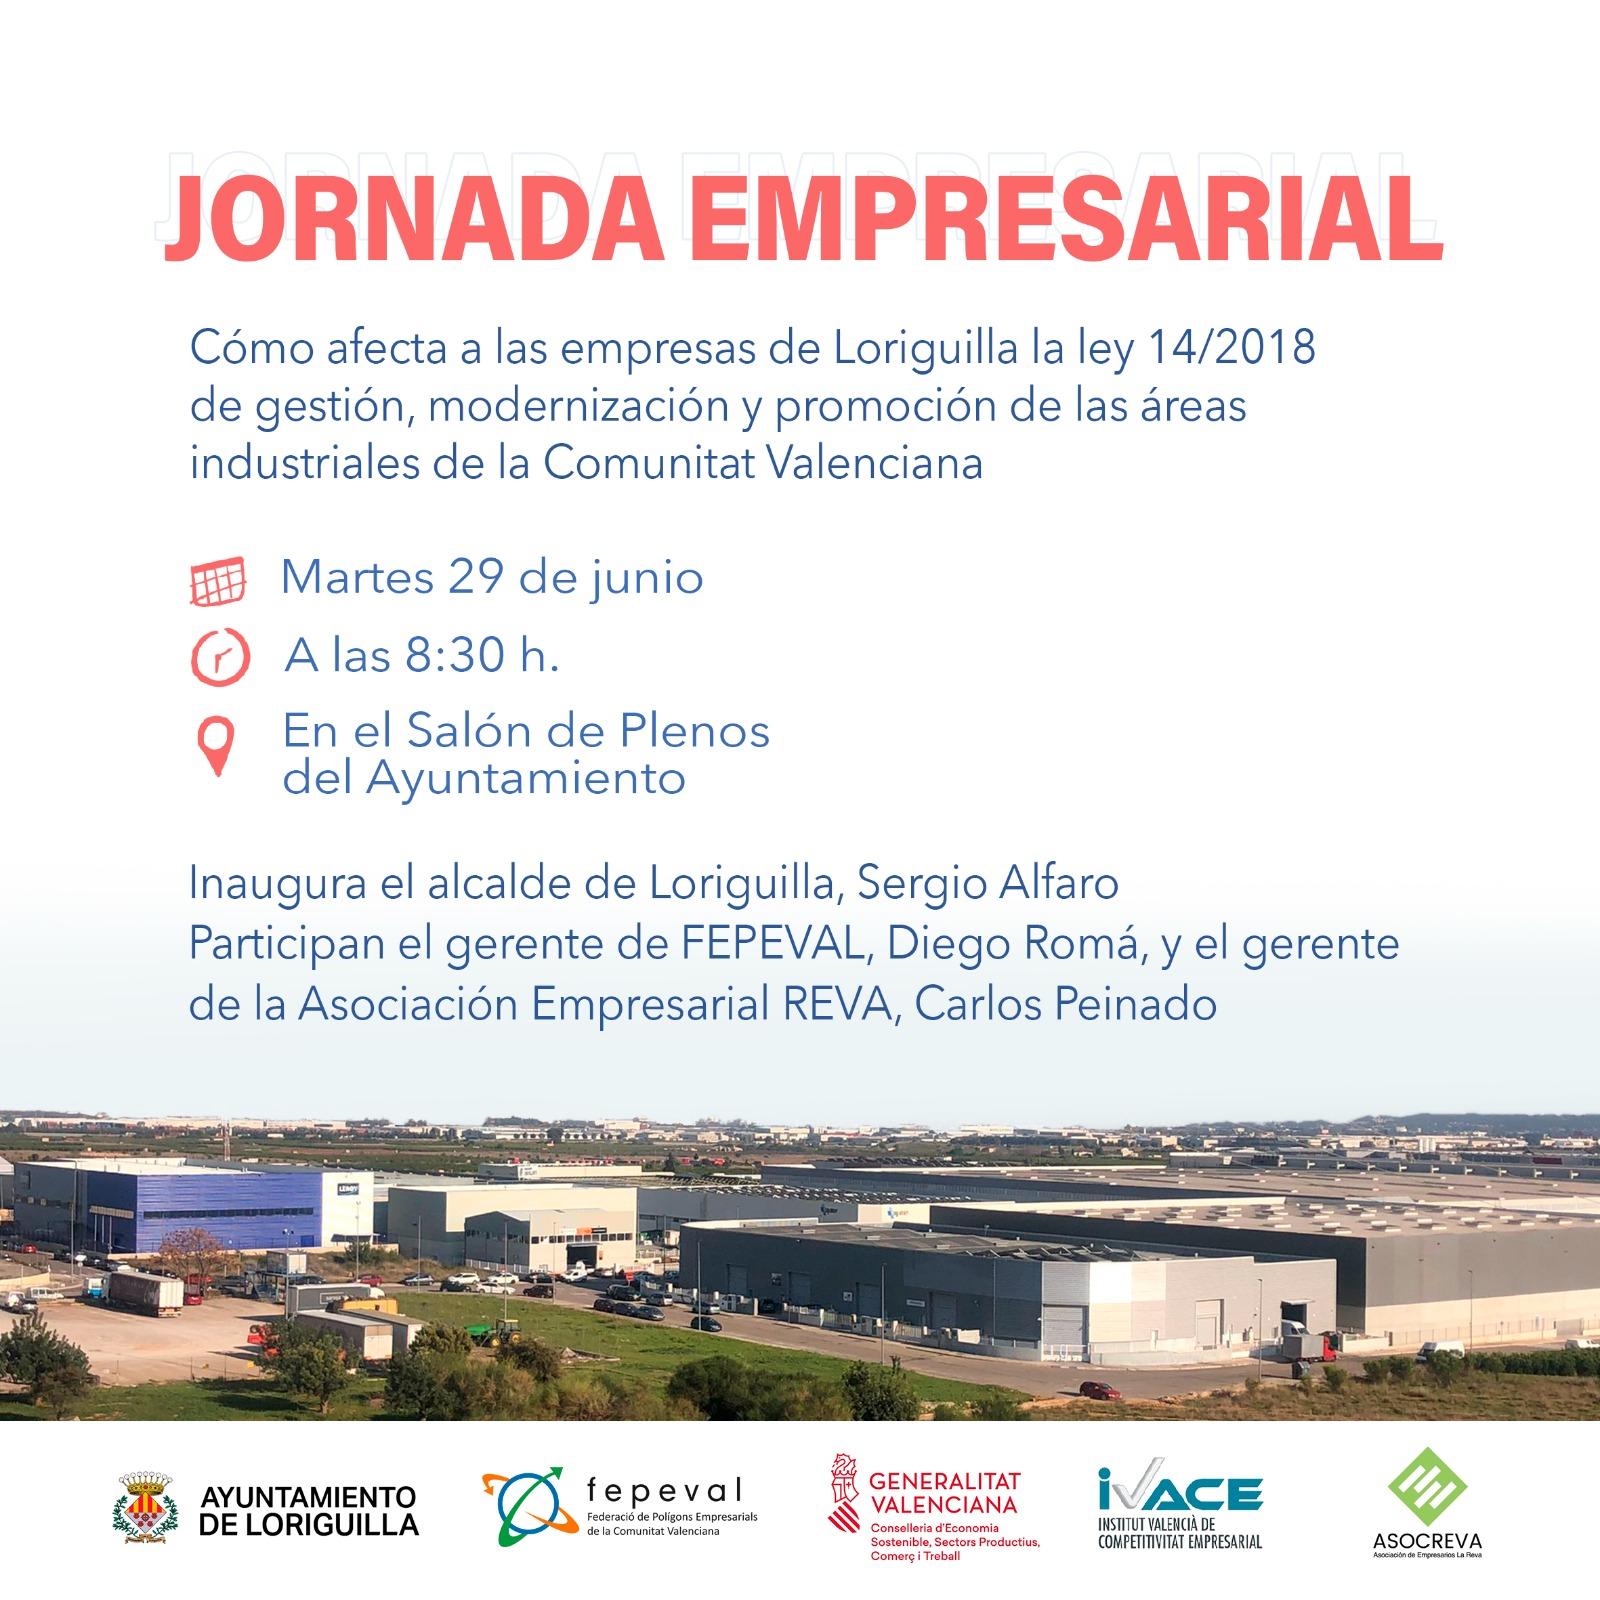 Loriguilla organiza una jornada empresarial con el fin de mejorar el parque empresarial del municipio